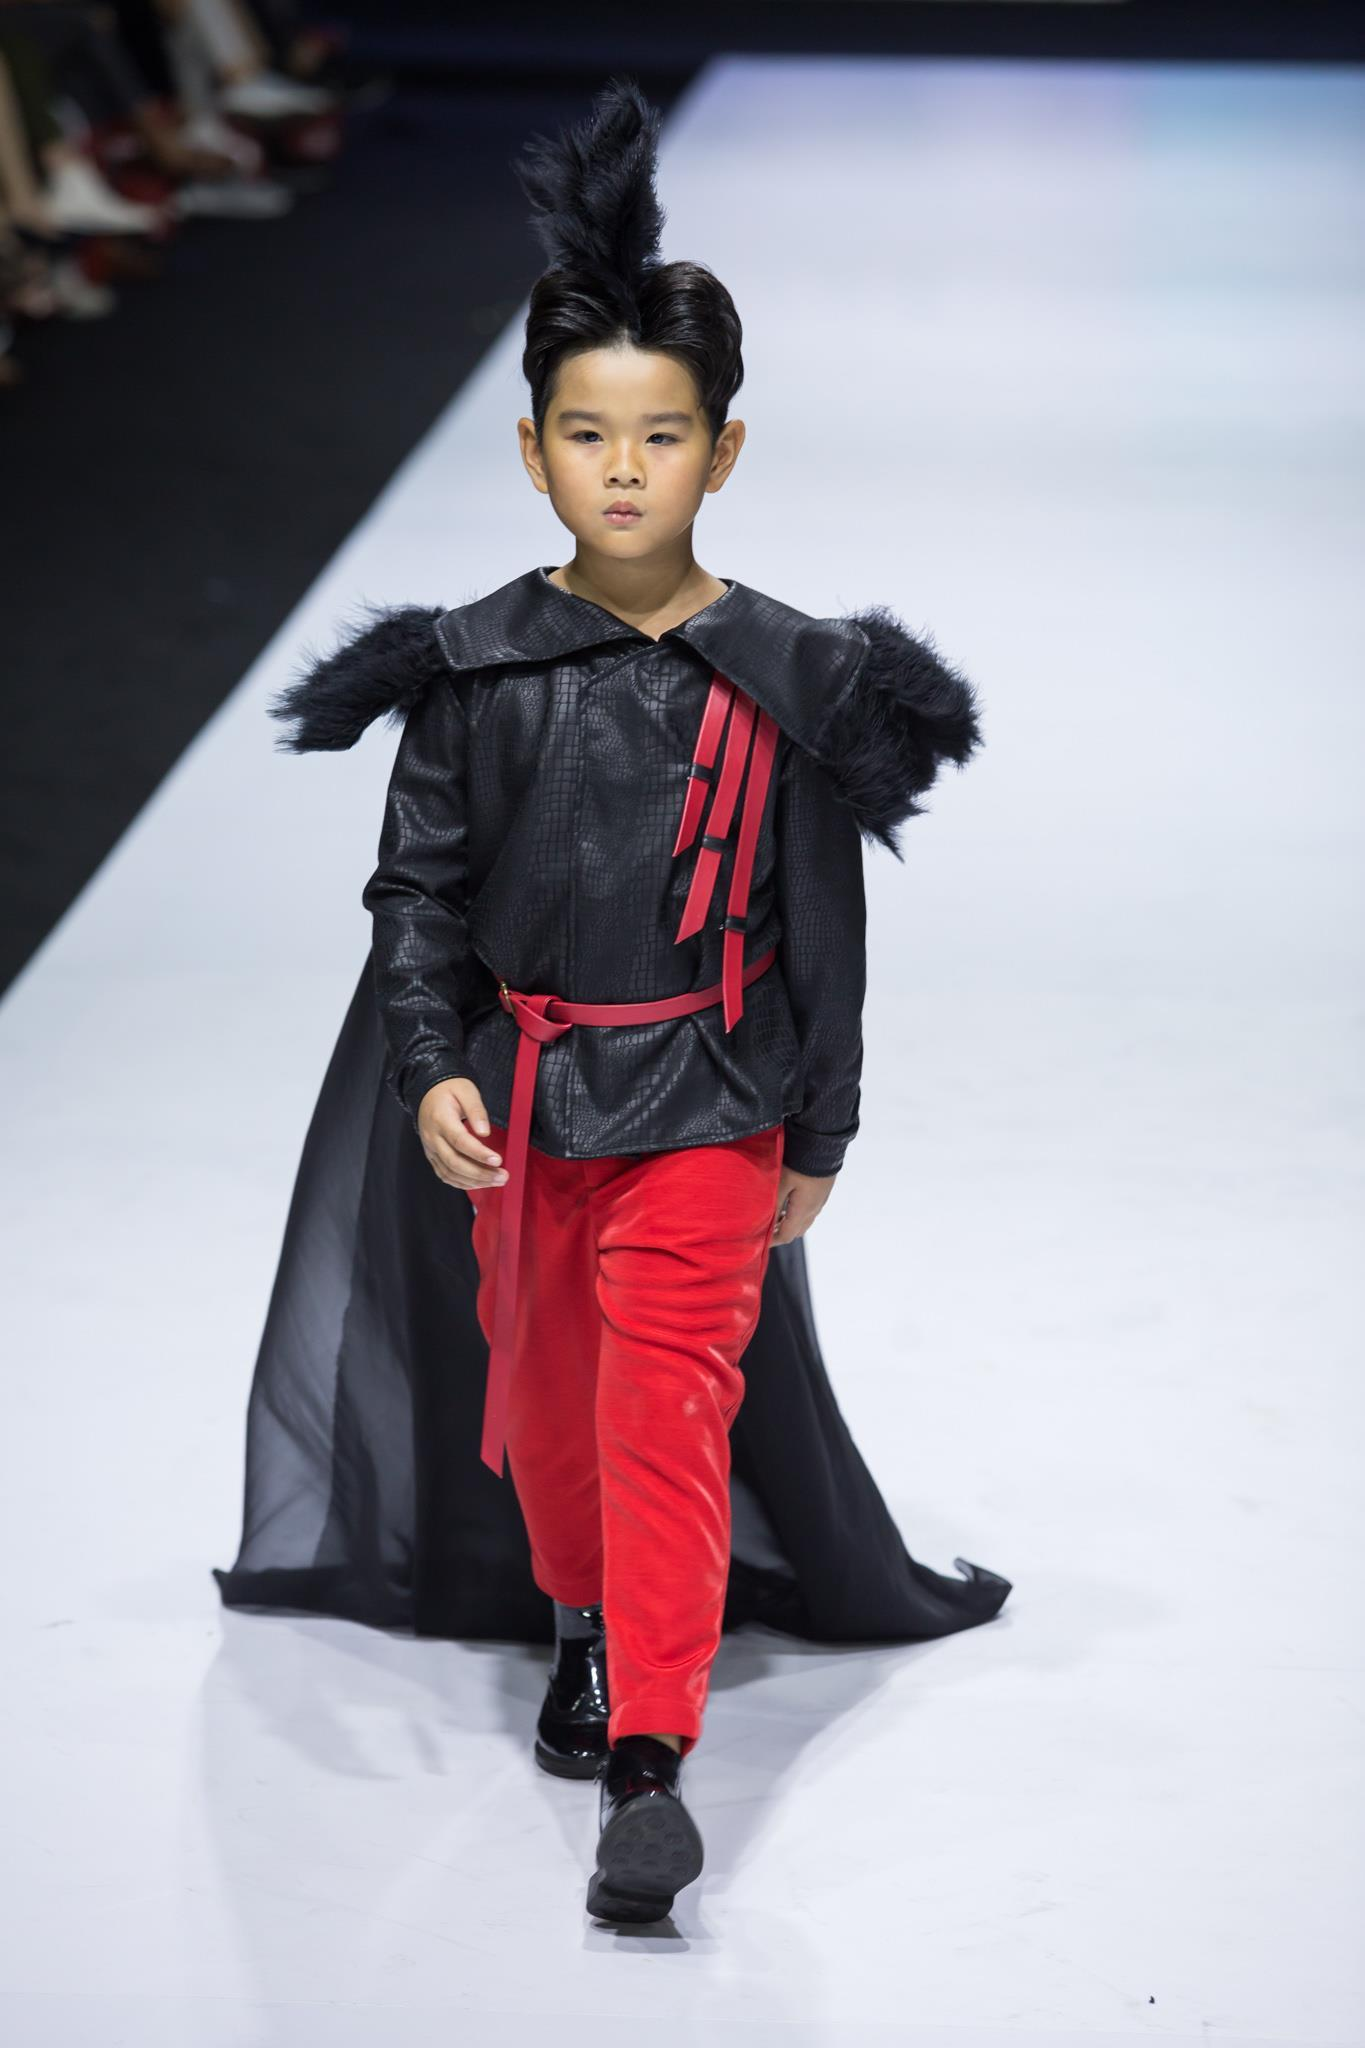 Ivan Trần 'trẻ thơ hóa' sàn diễn Aquafina VIFW mùa thứ 9 Ảnh 3